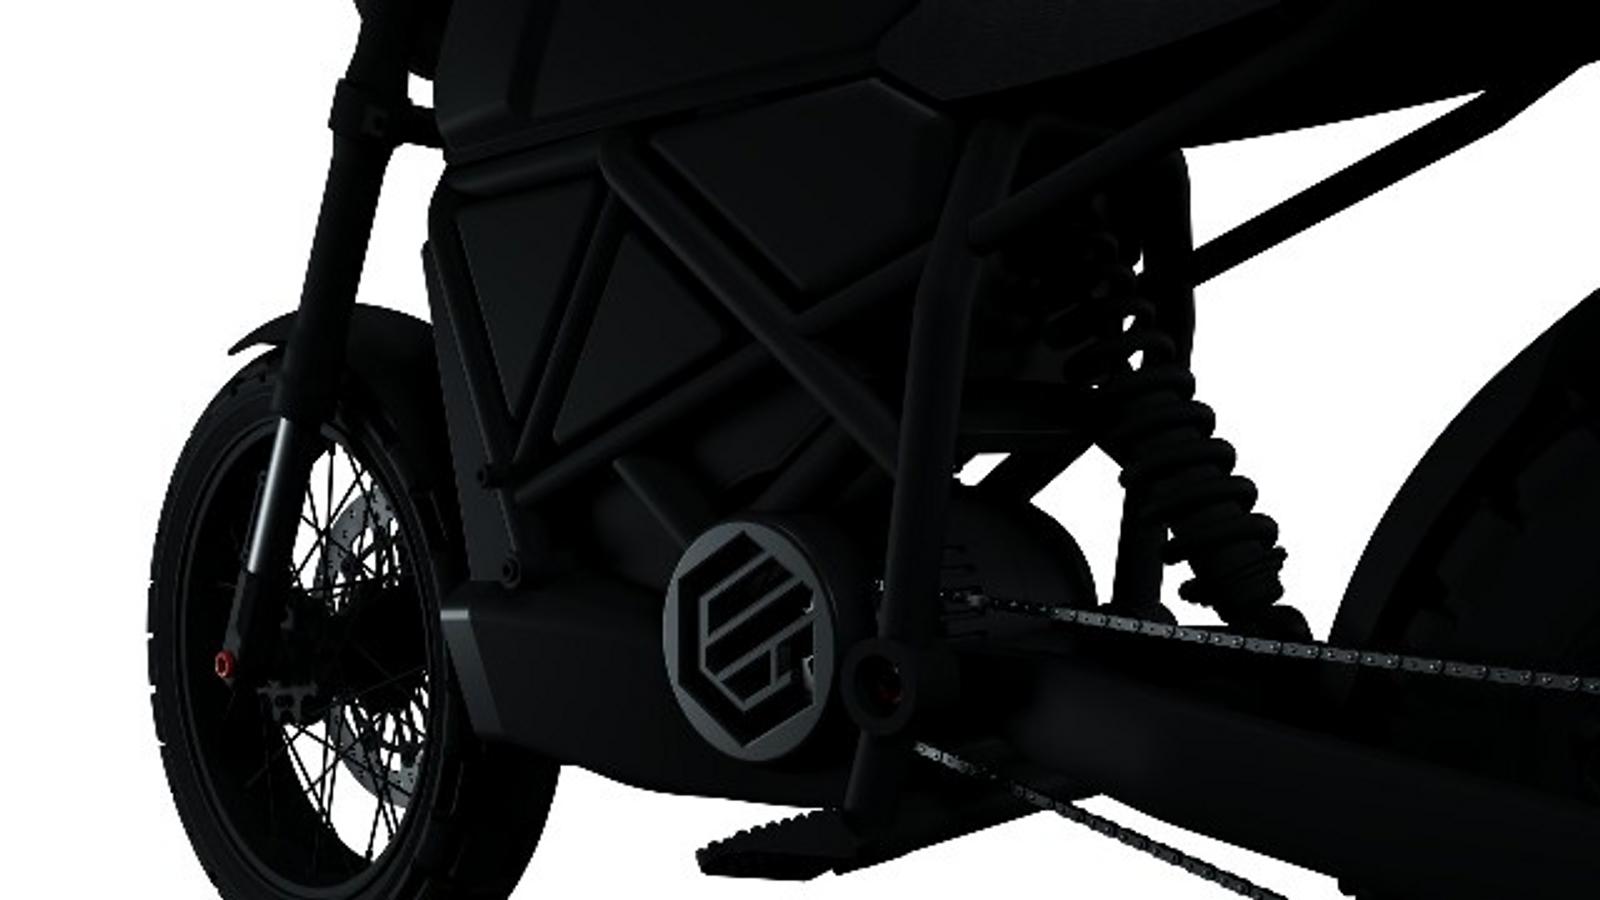 Електричний мотоцикл українського виробництва вже готують до презентації: фото